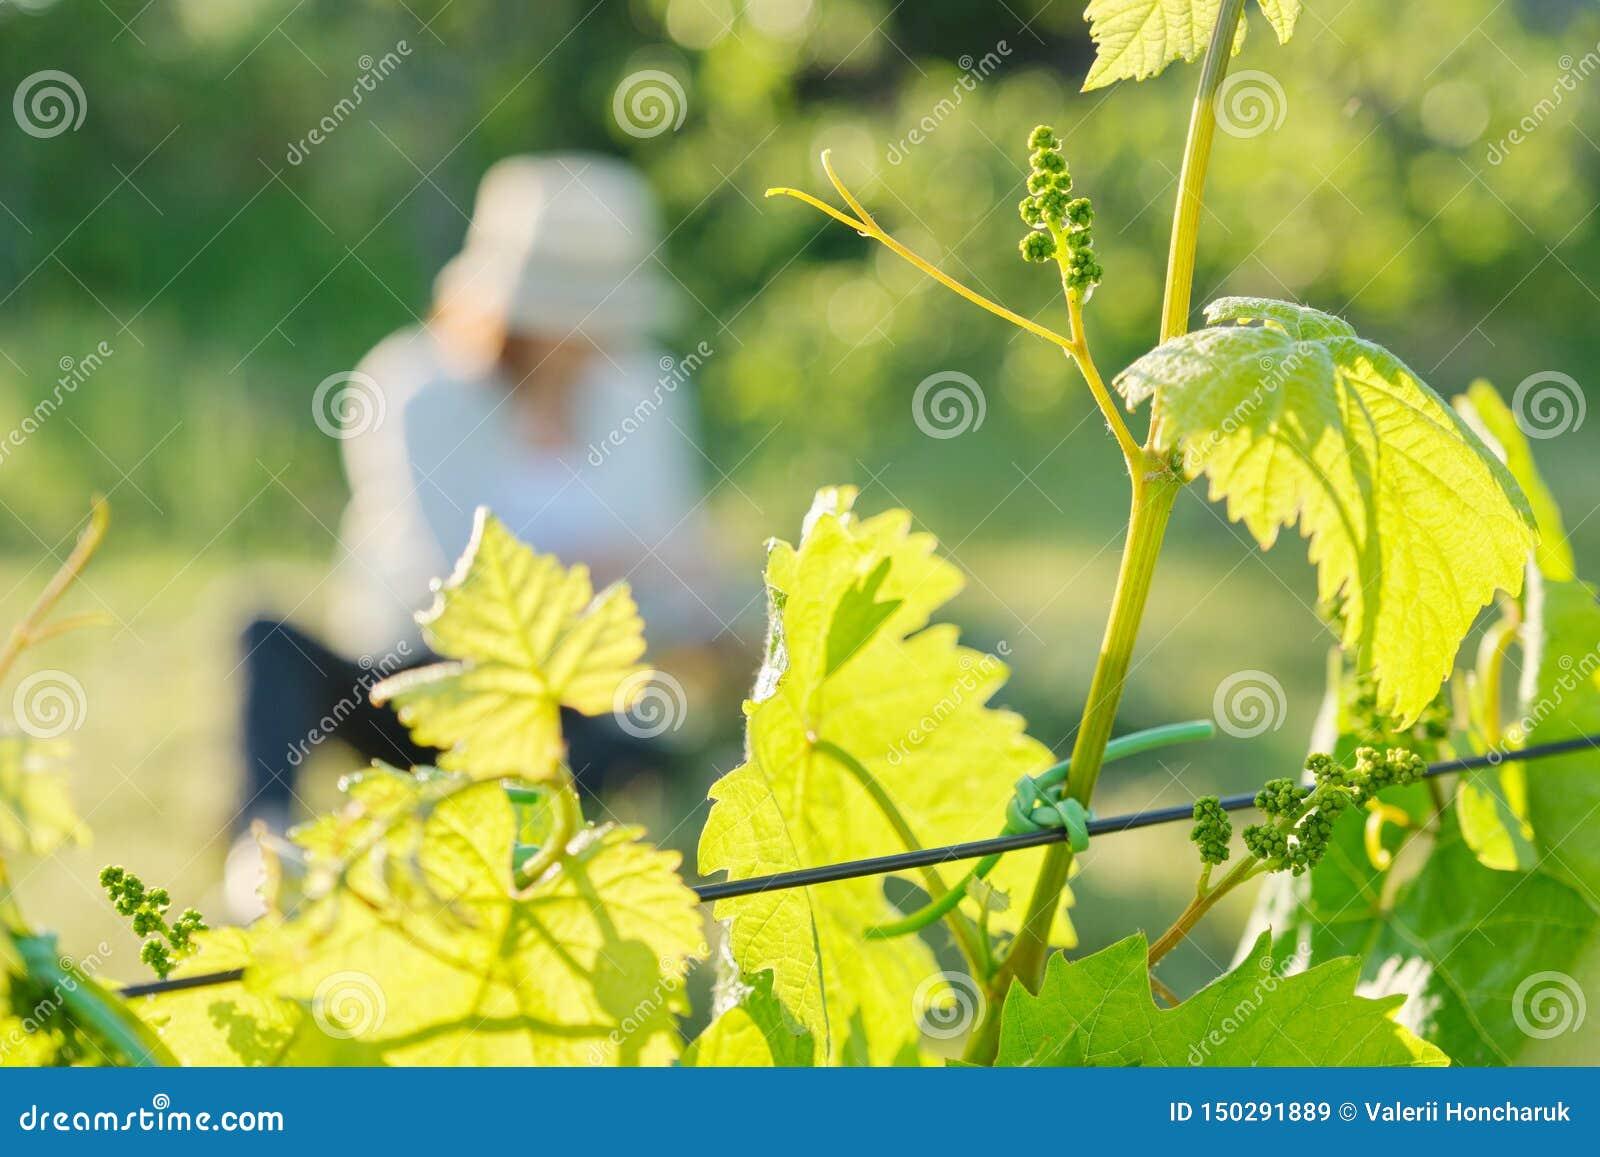 Branches des feuilles vertes de la vigne, vignoble au printemps